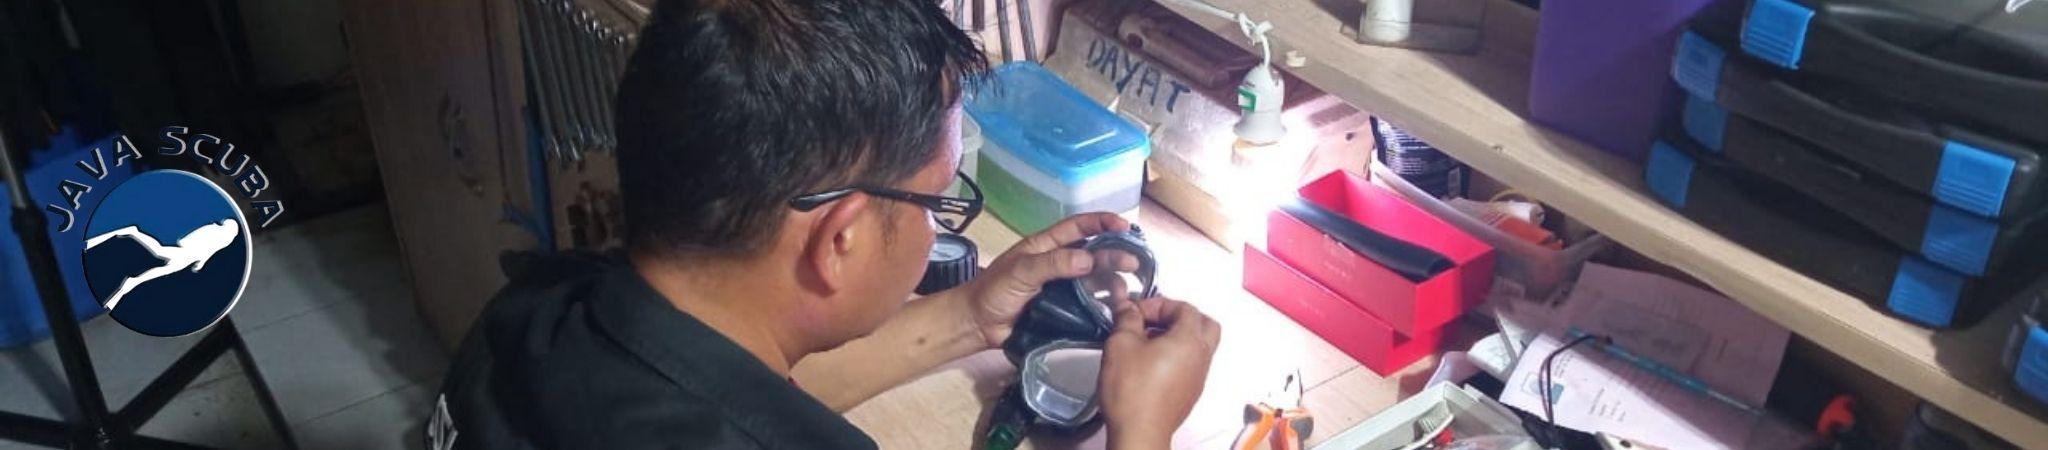 Repair Scuba